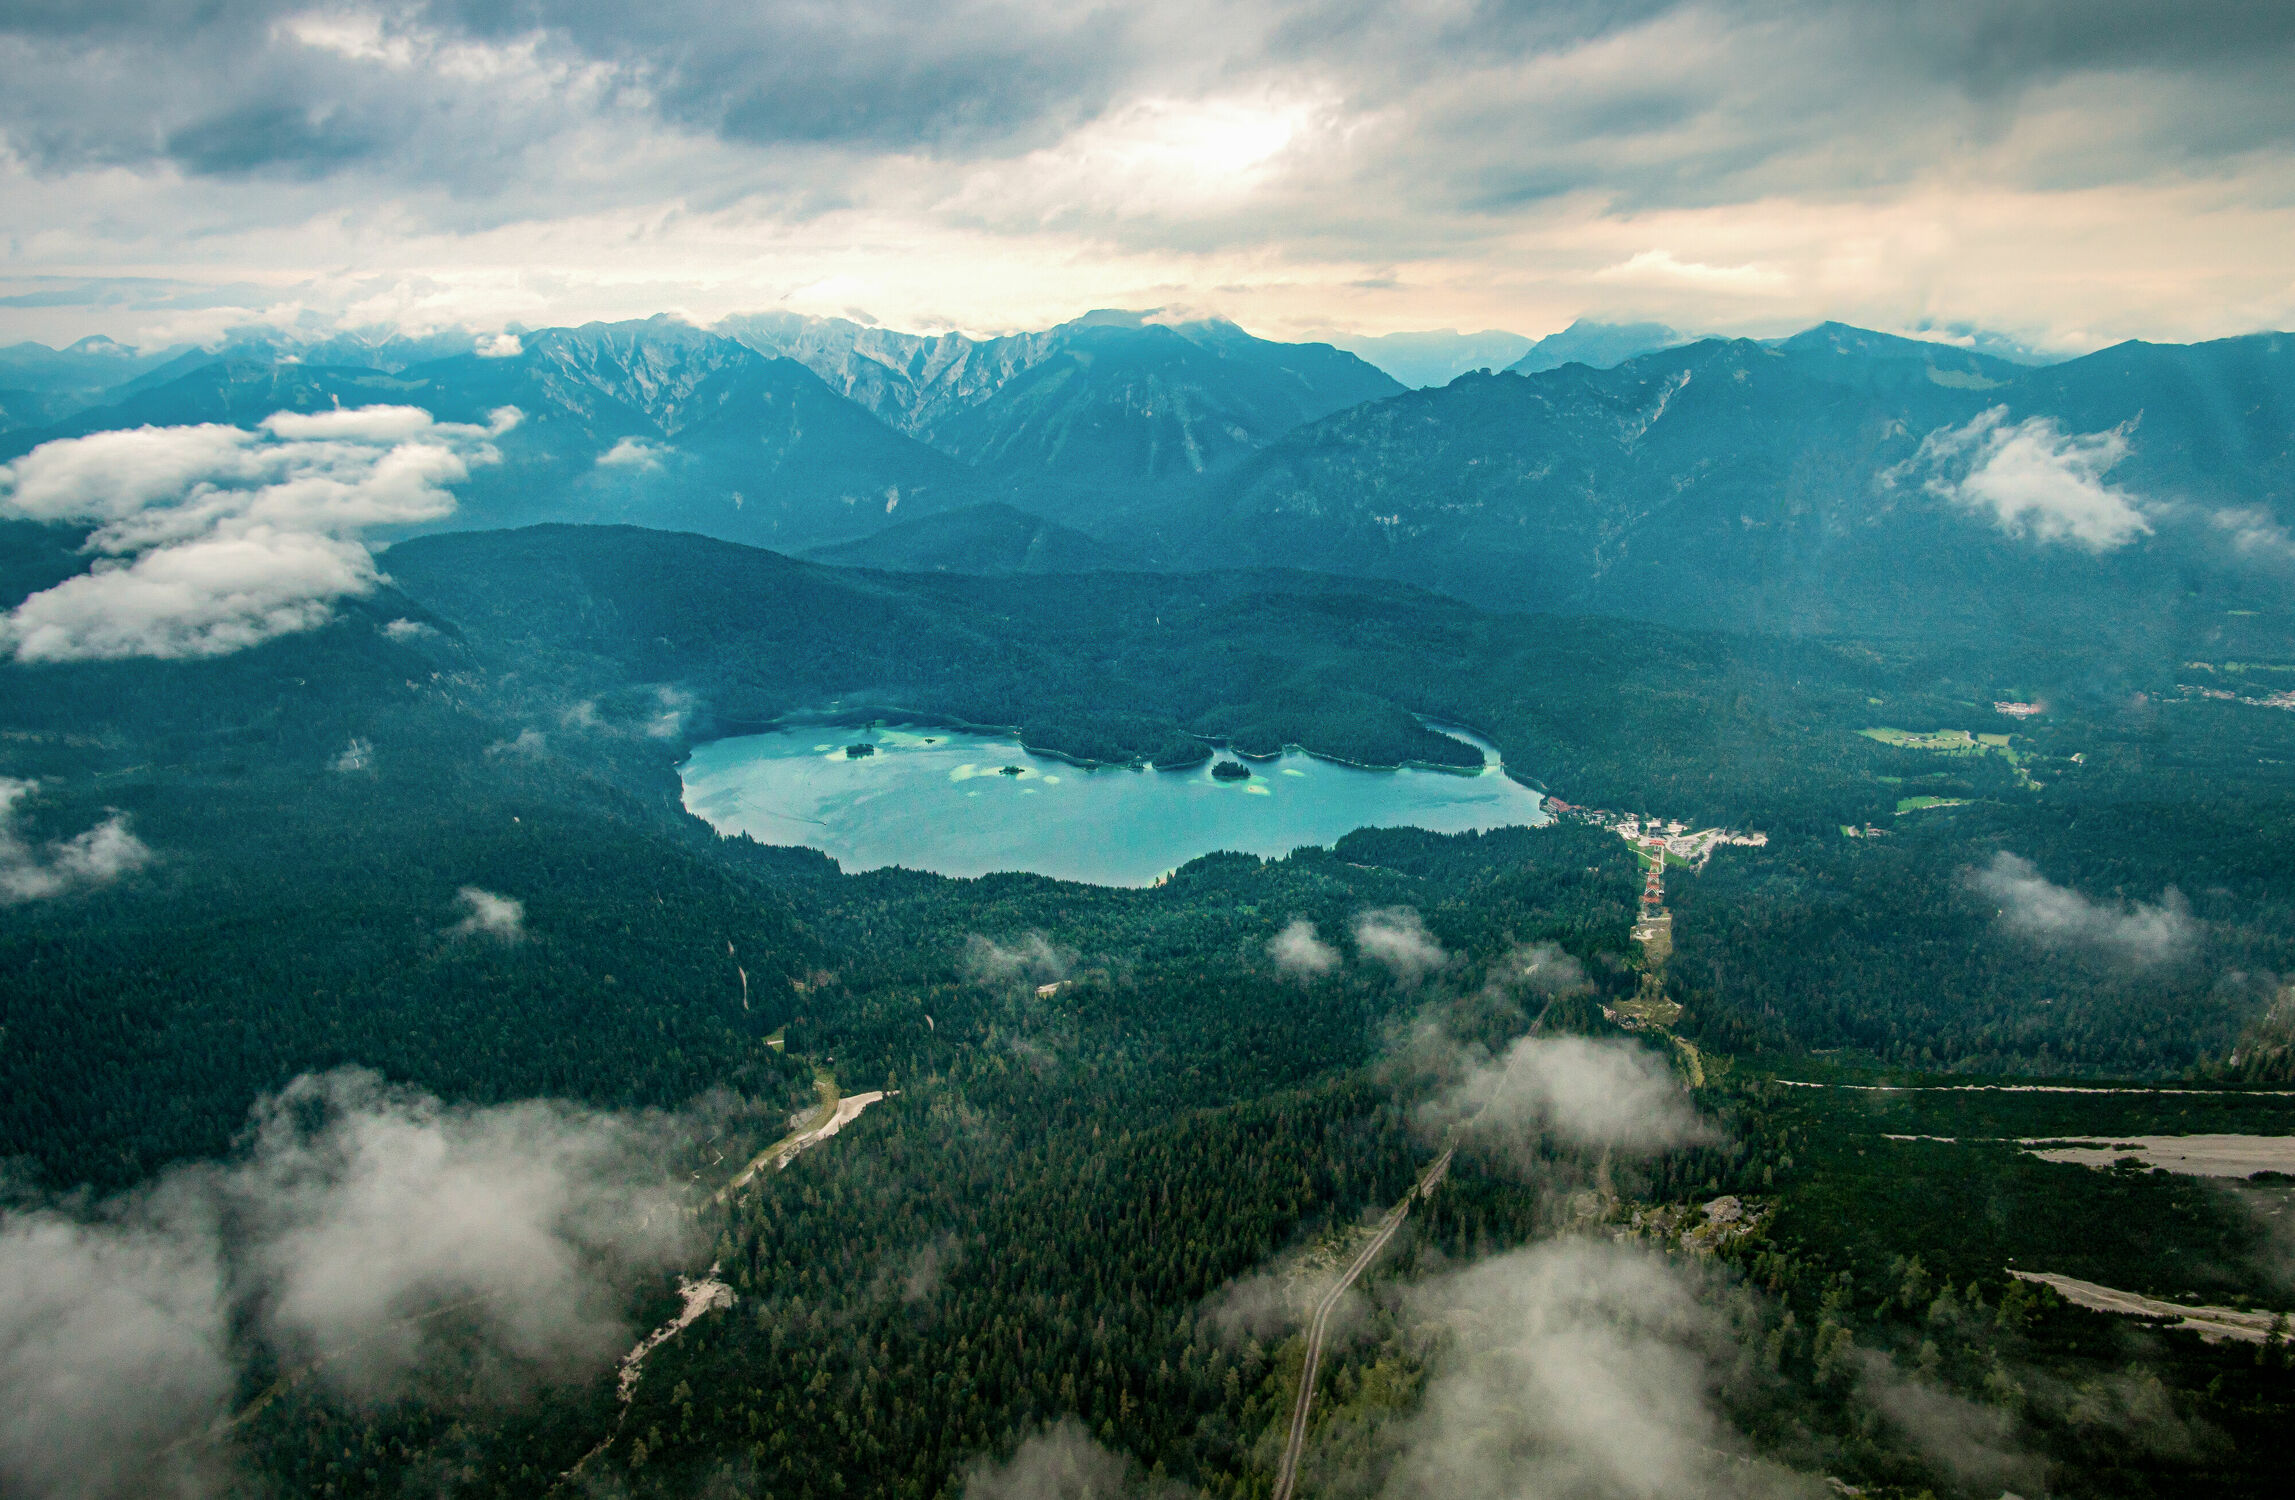 Bild mit Berge, Wolken, Seen, Wald, Landschaft, Bergsee, Bayern, Zugspitze, Eibsee, Berchtesgarden